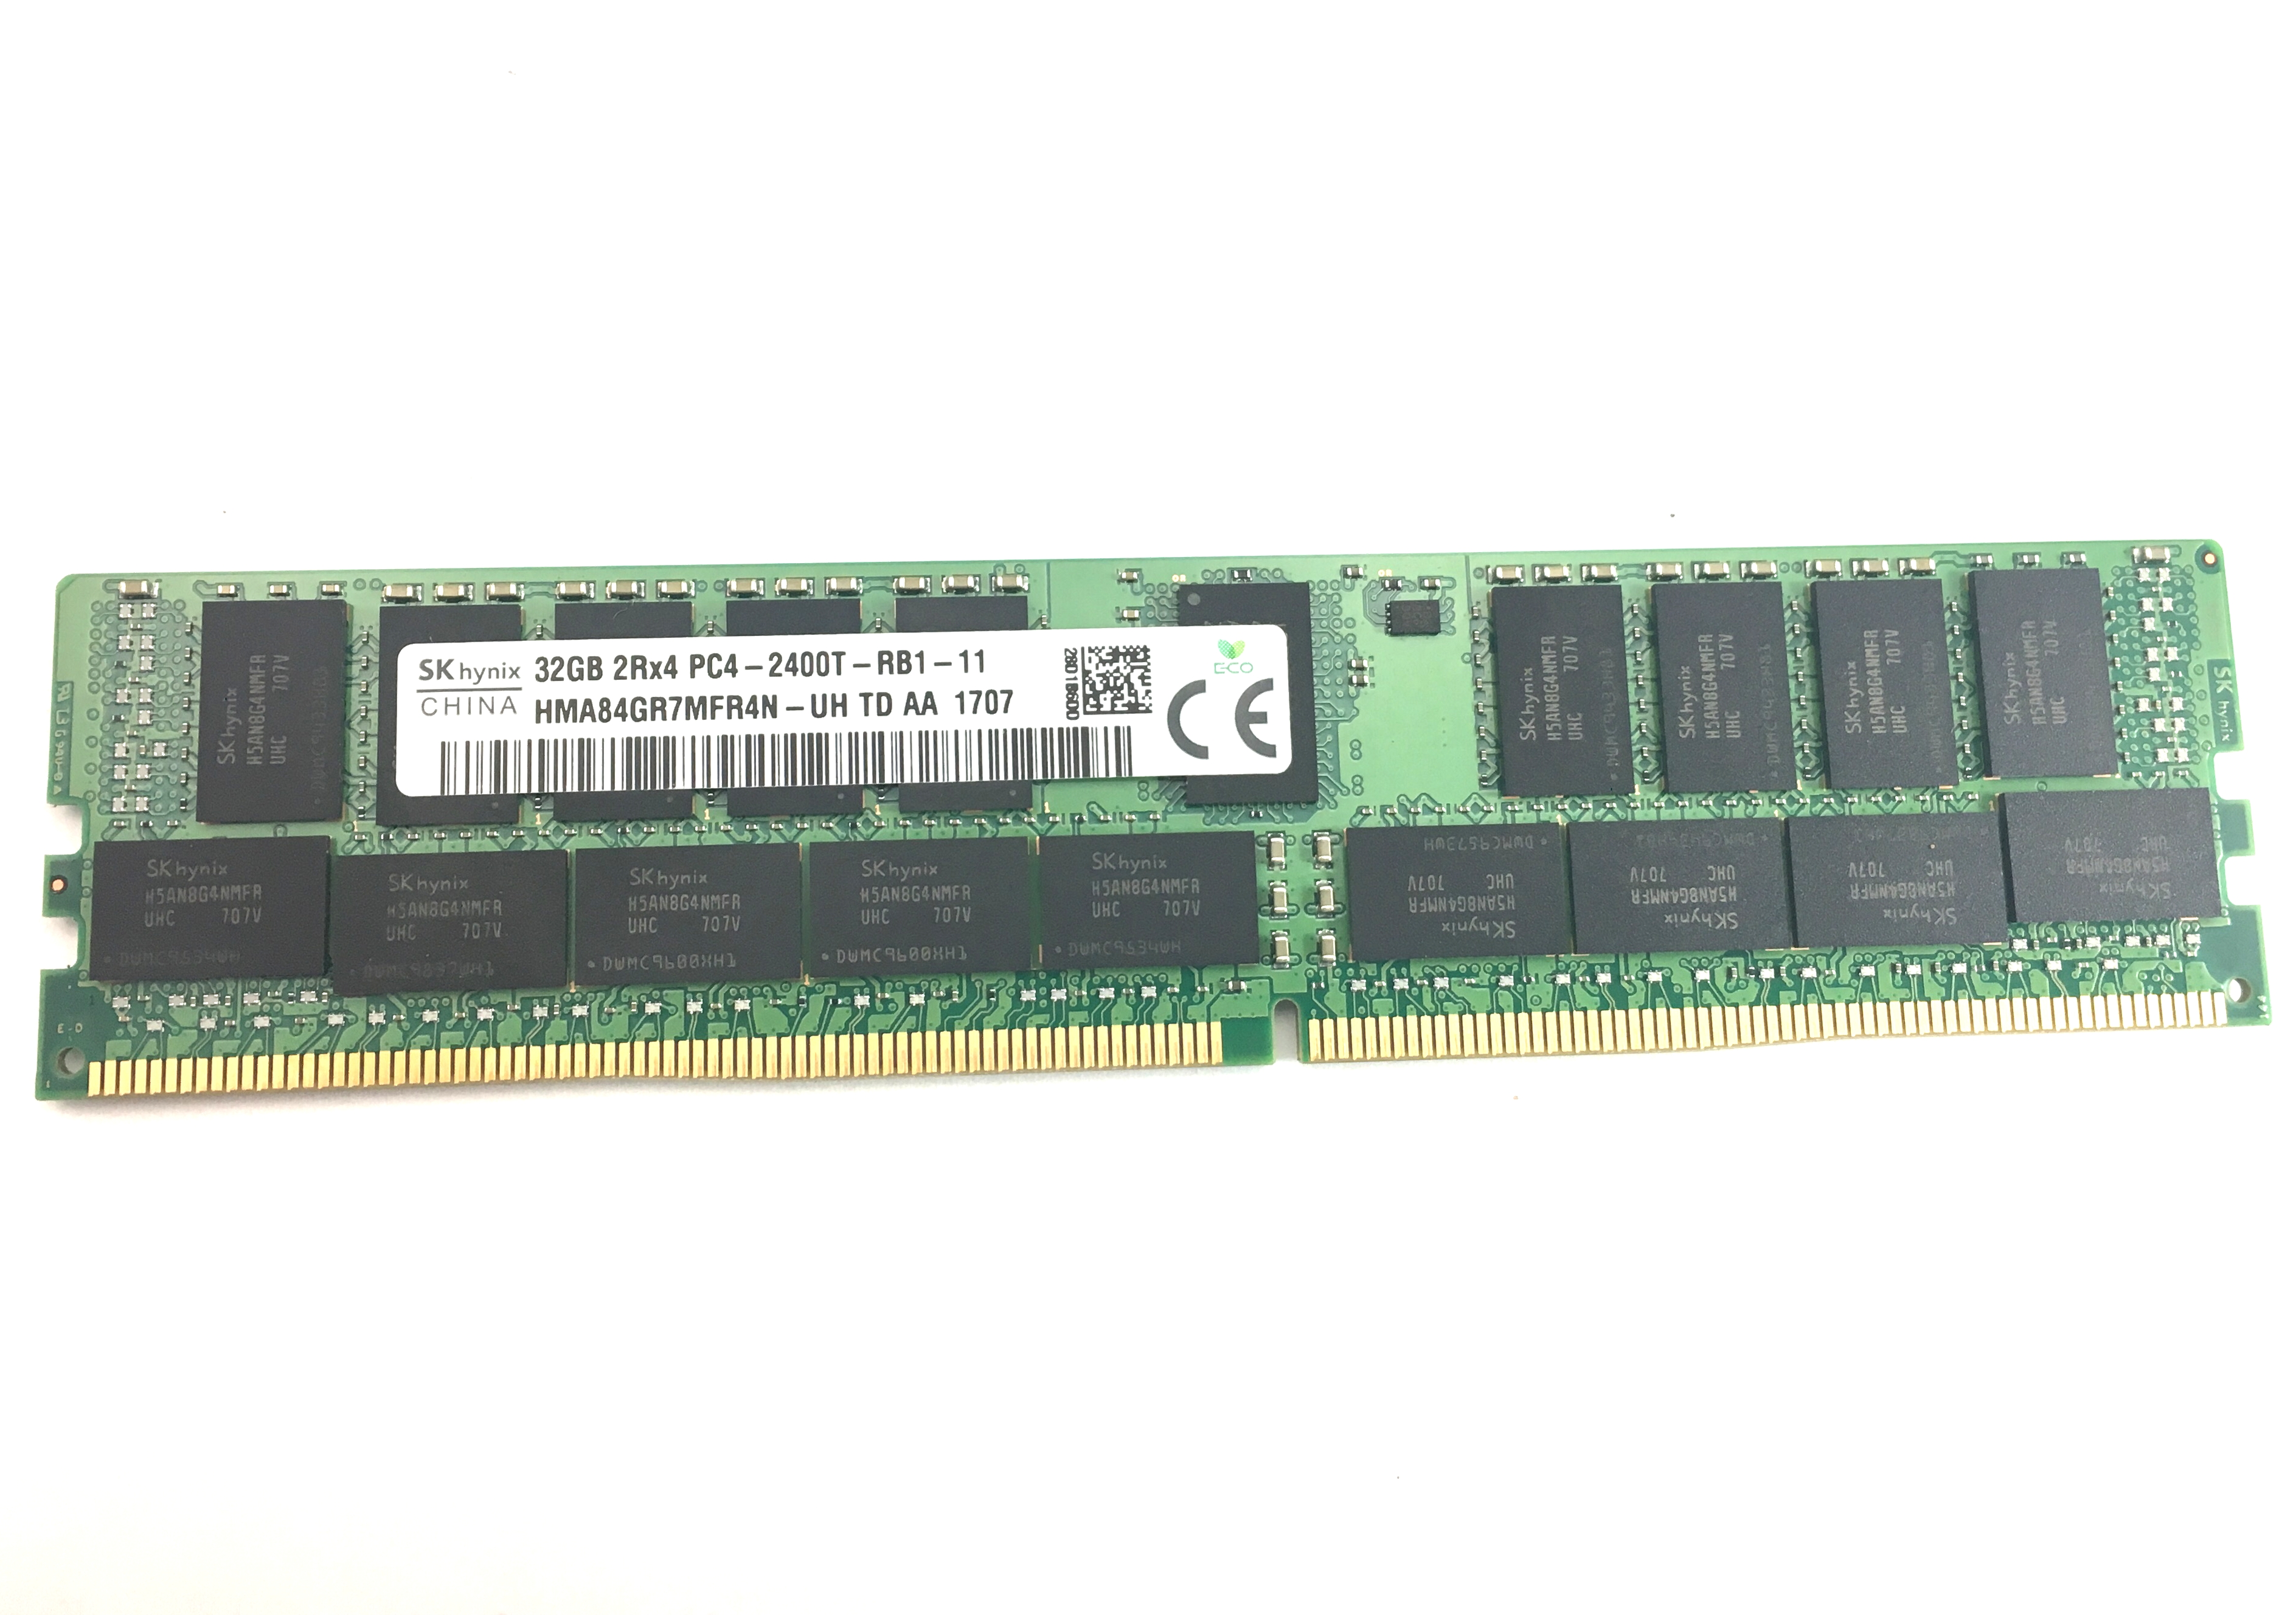 Hynix 32GB 2Rx4 PC4-2400T DDR4 -19200 ECC Registered Memory (HMA84GR7MFR4N-UH)